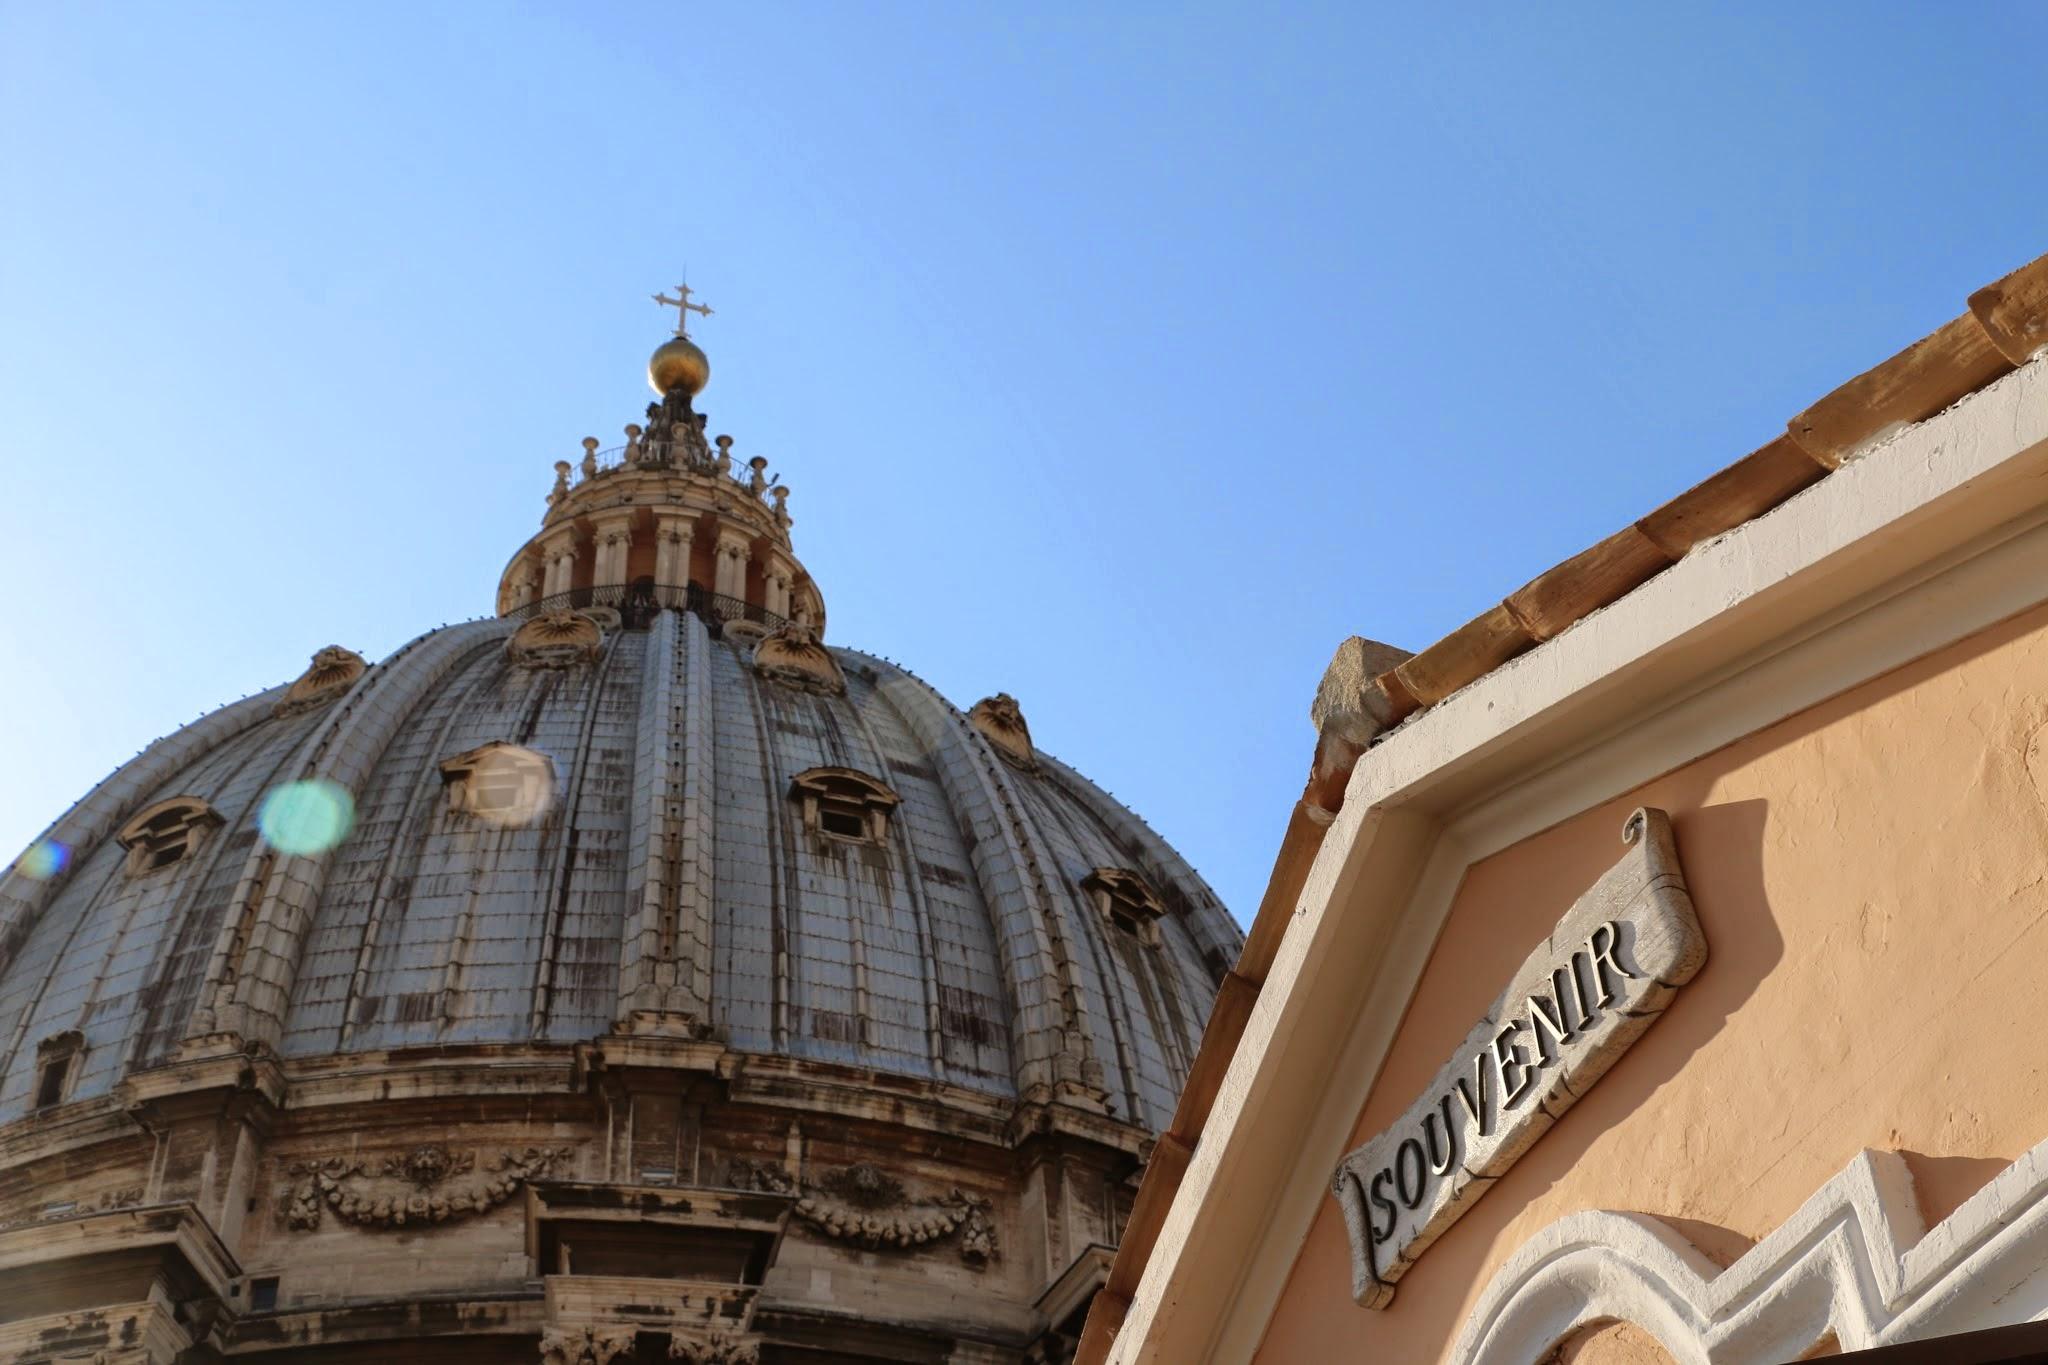 Souvenirwinkeltje Dak van de Sint-Pietersbasiliek in Rome